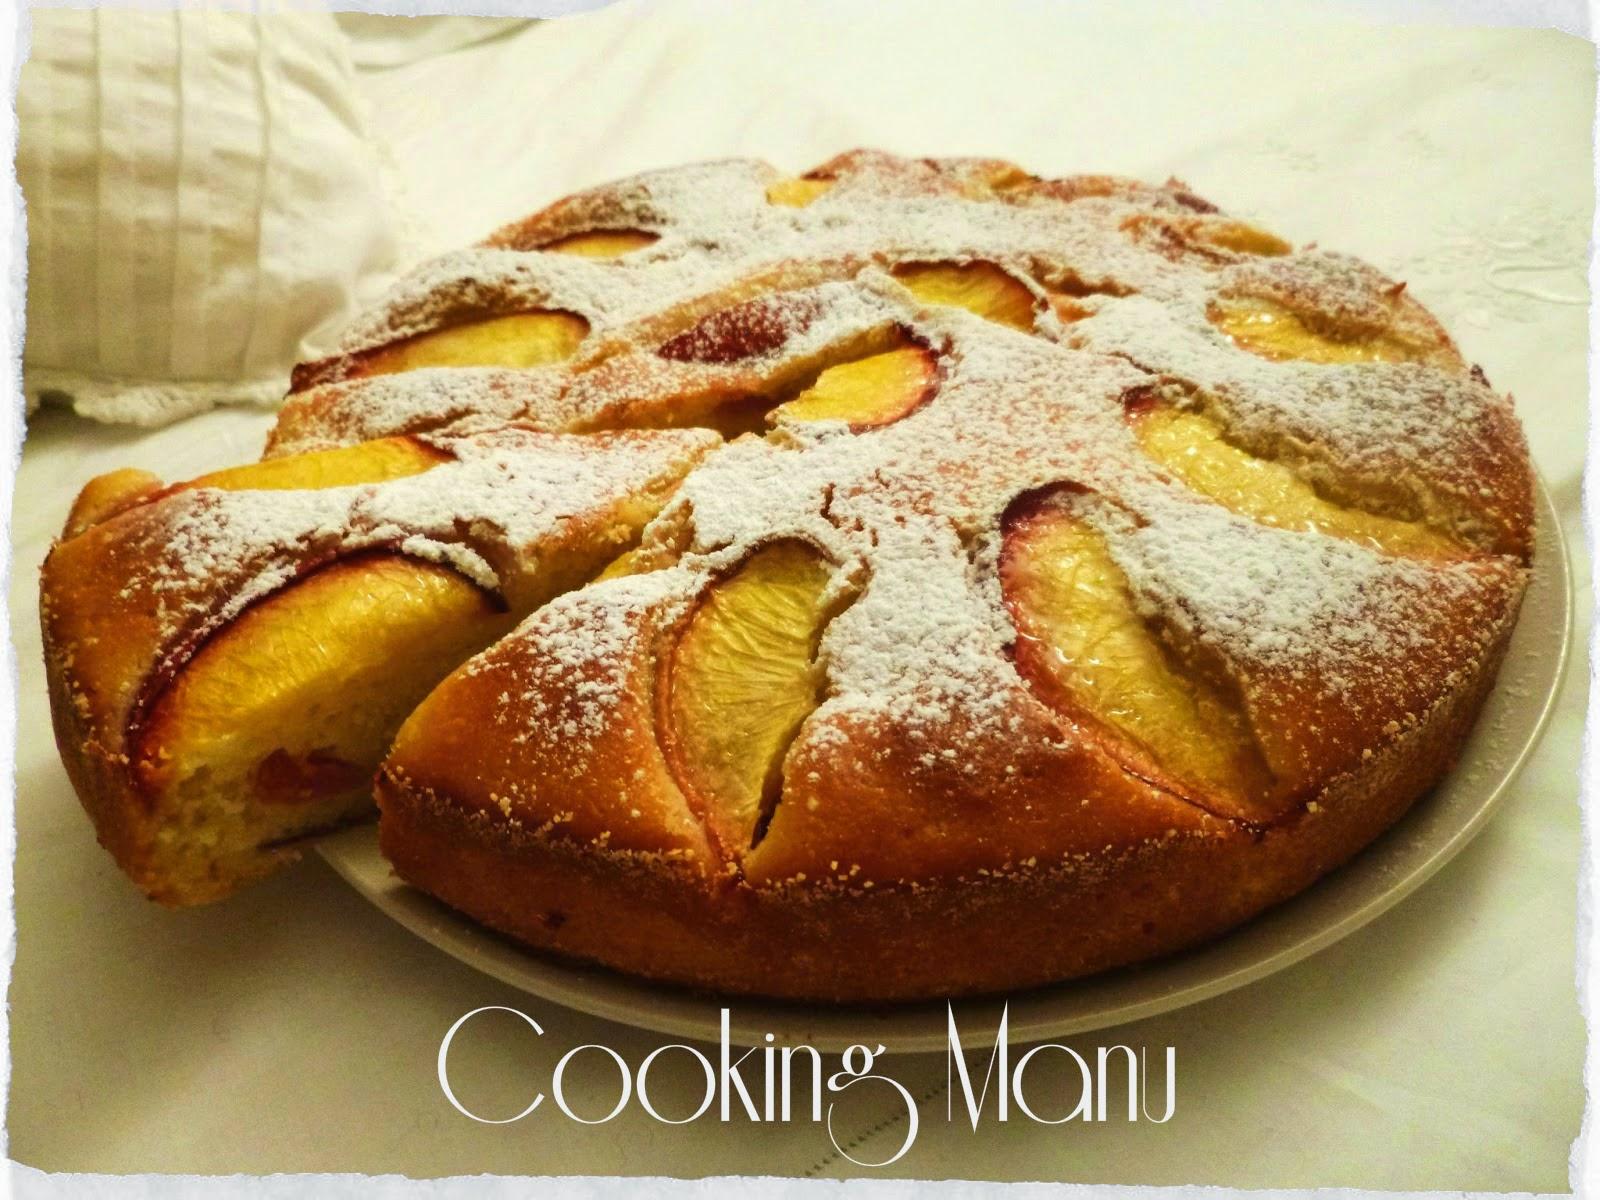 torta di pesche (peach cake)